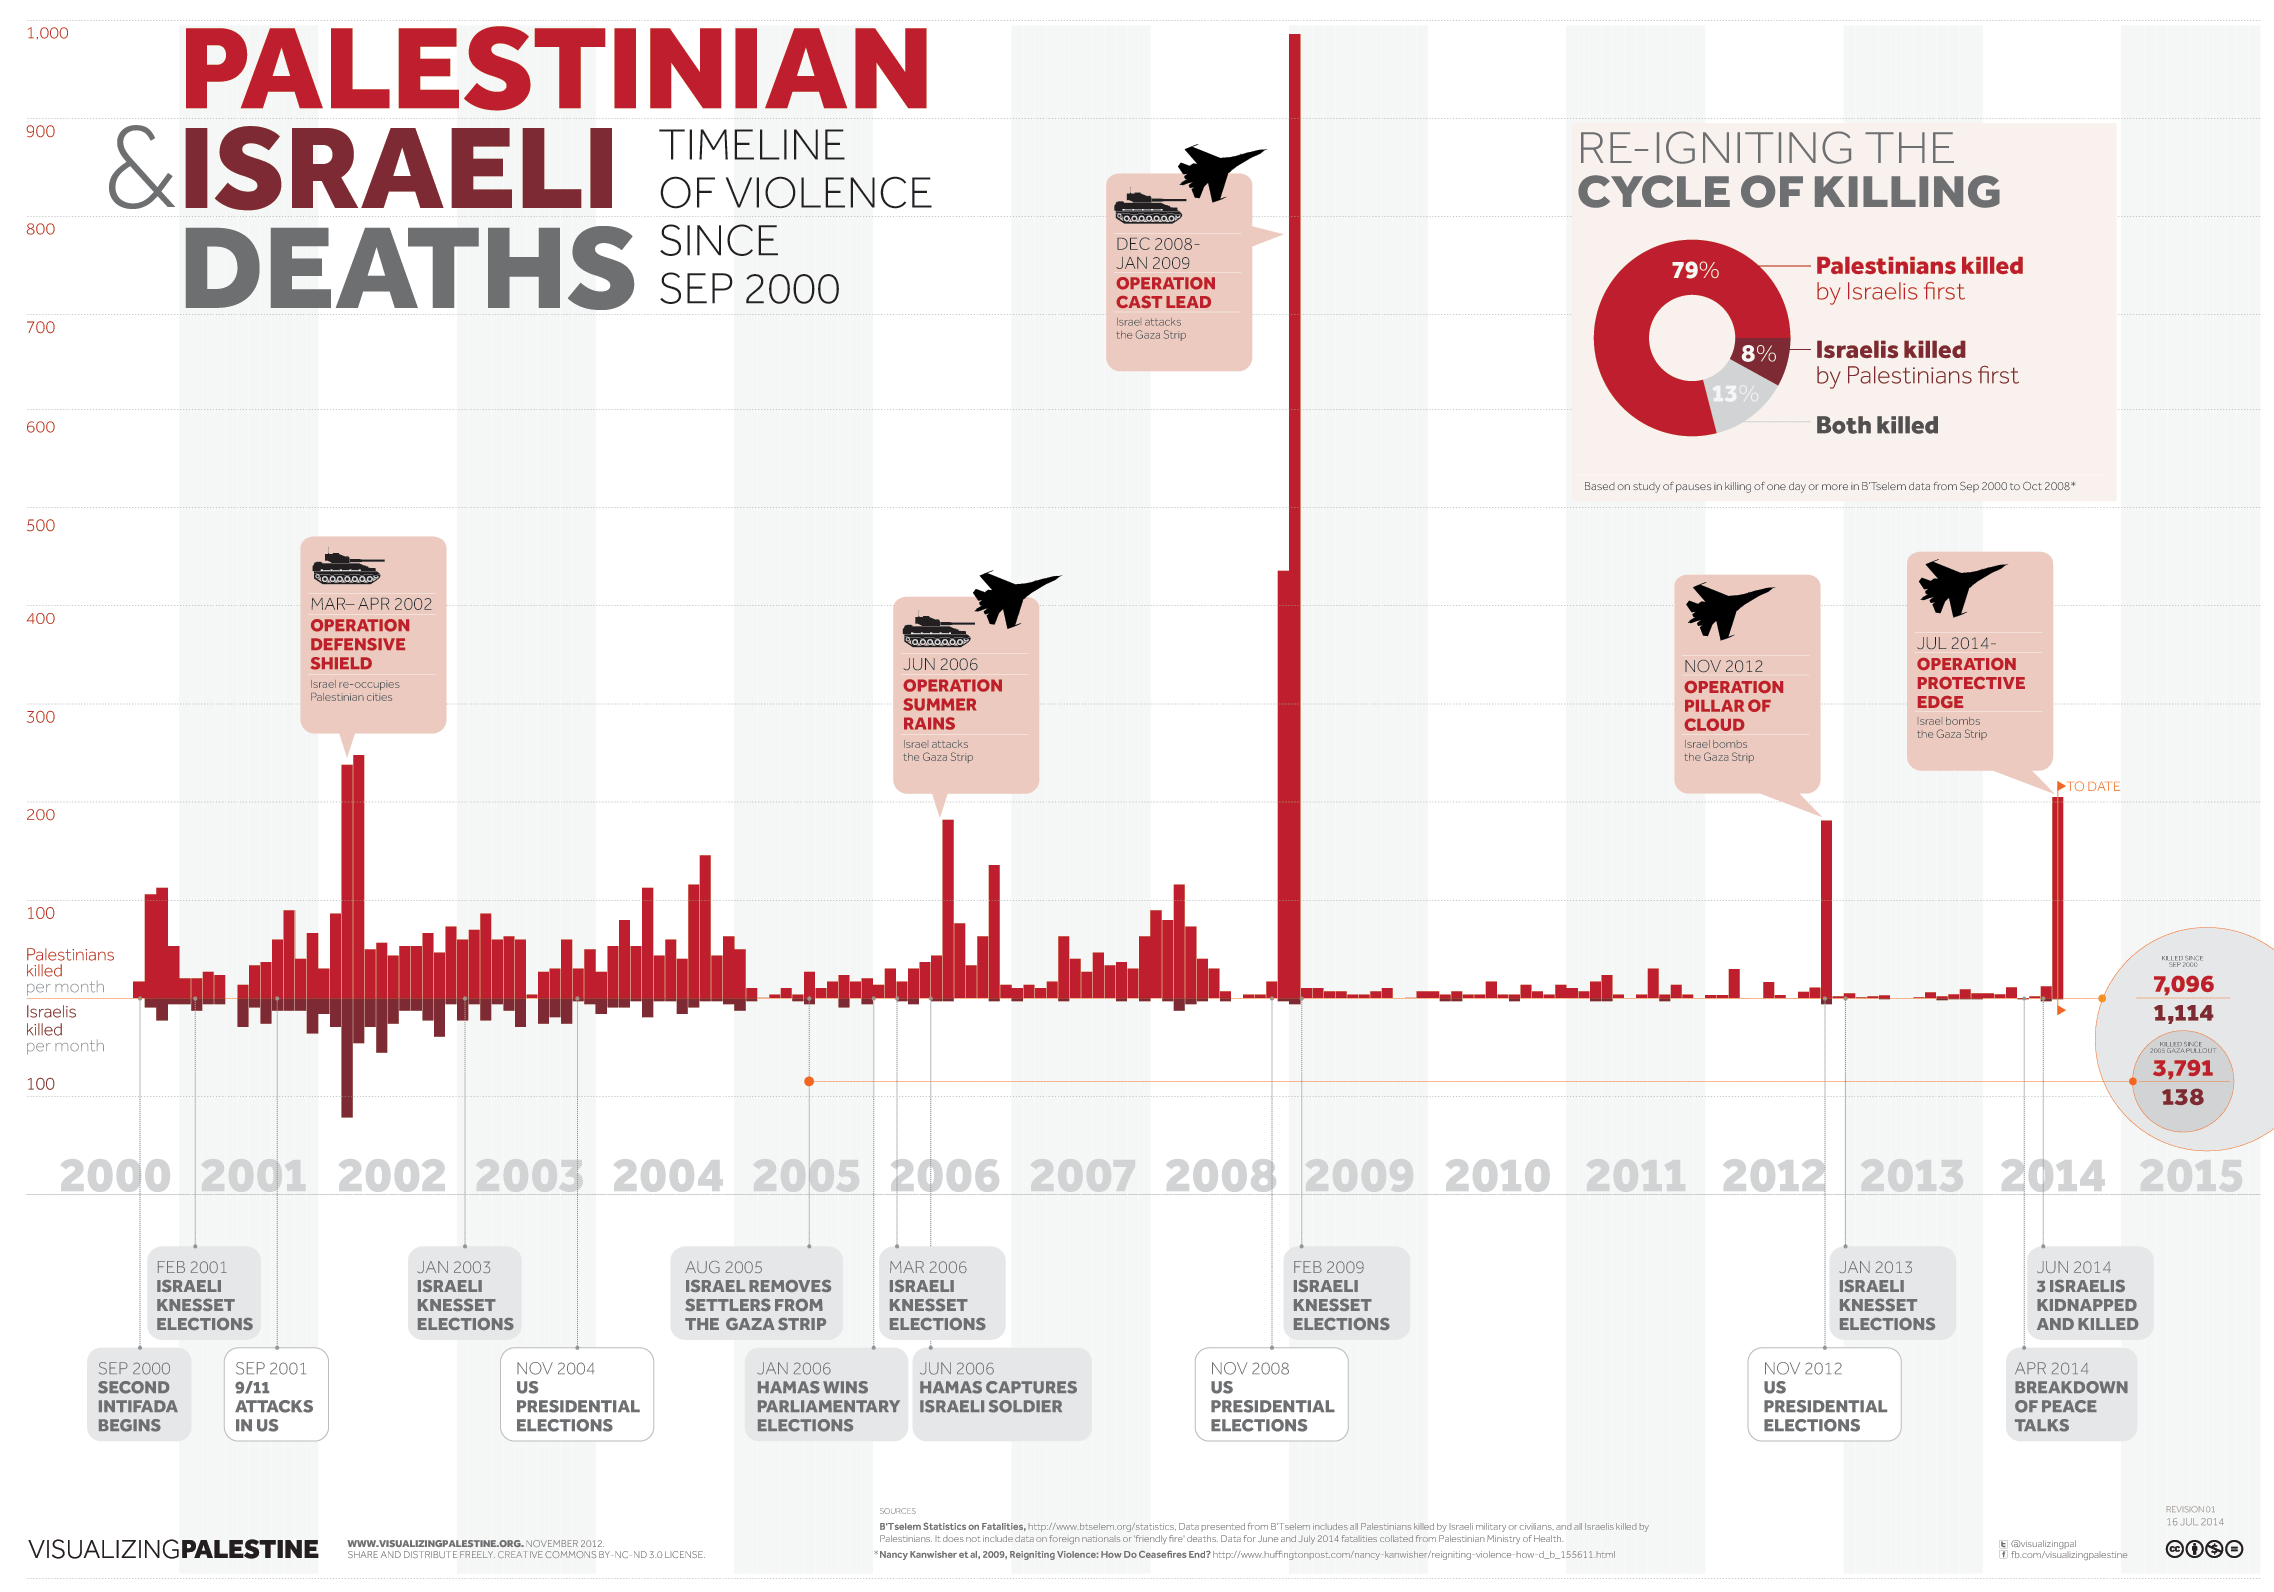 vp-timeline-of-violence-en-rev01-20140716